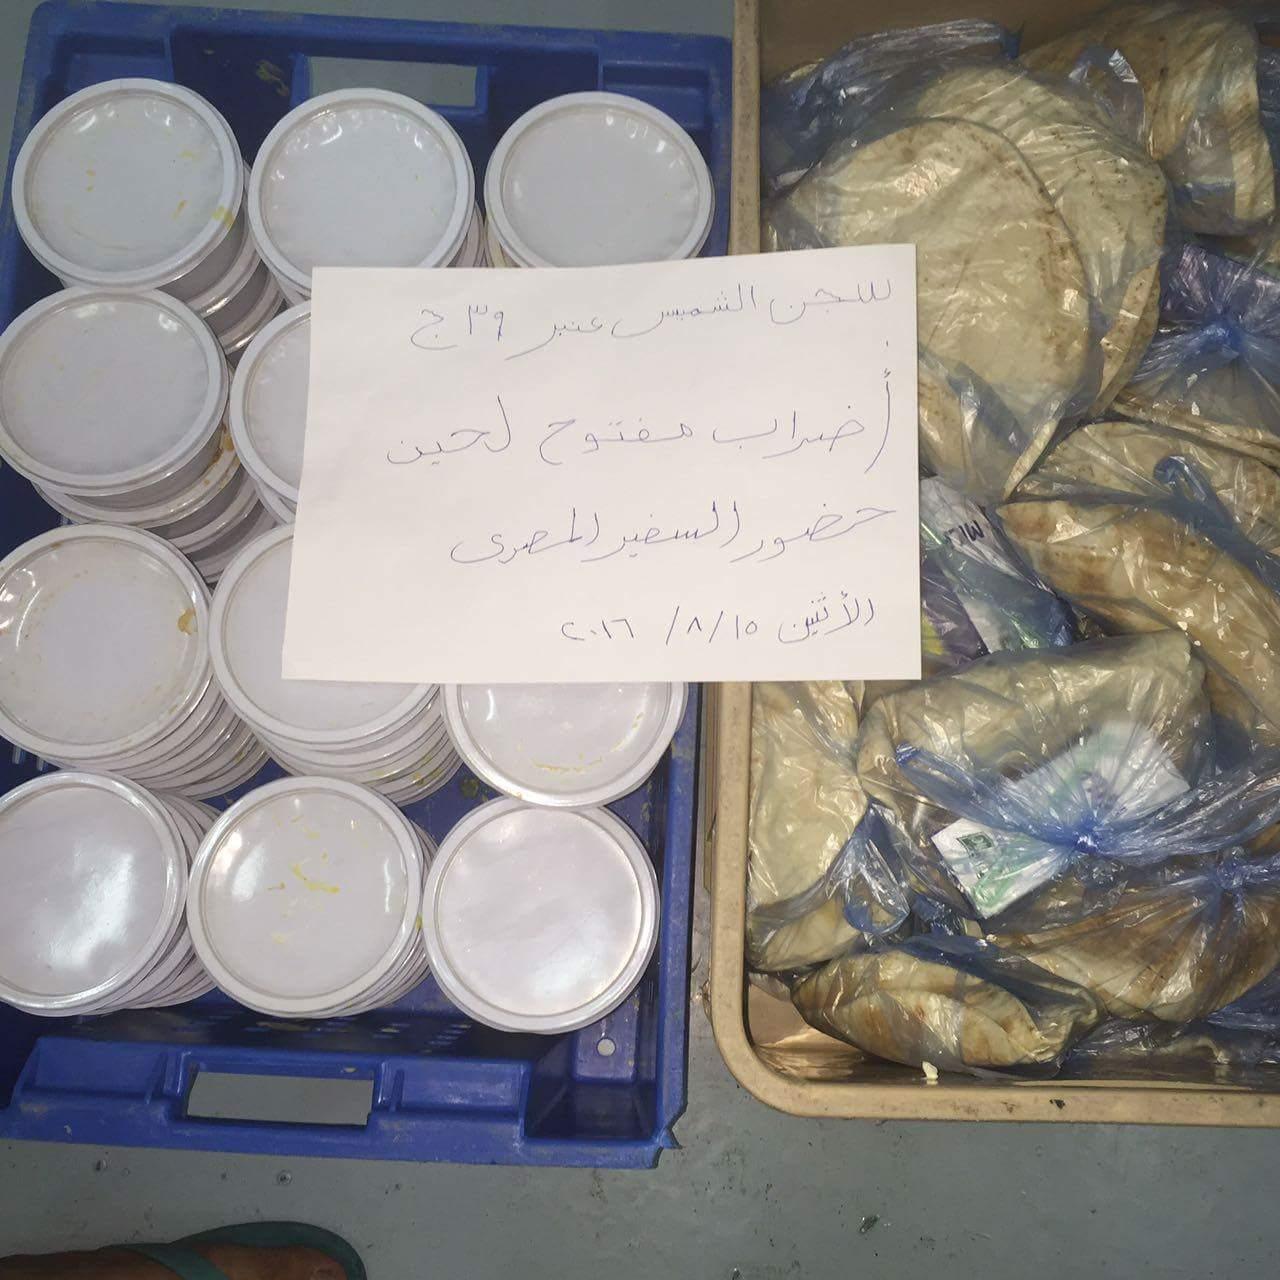 «شارك المصري اليوم» يتلقى صورًا جديدة من داخل عنابر احتجاز المصريين بالسعودية